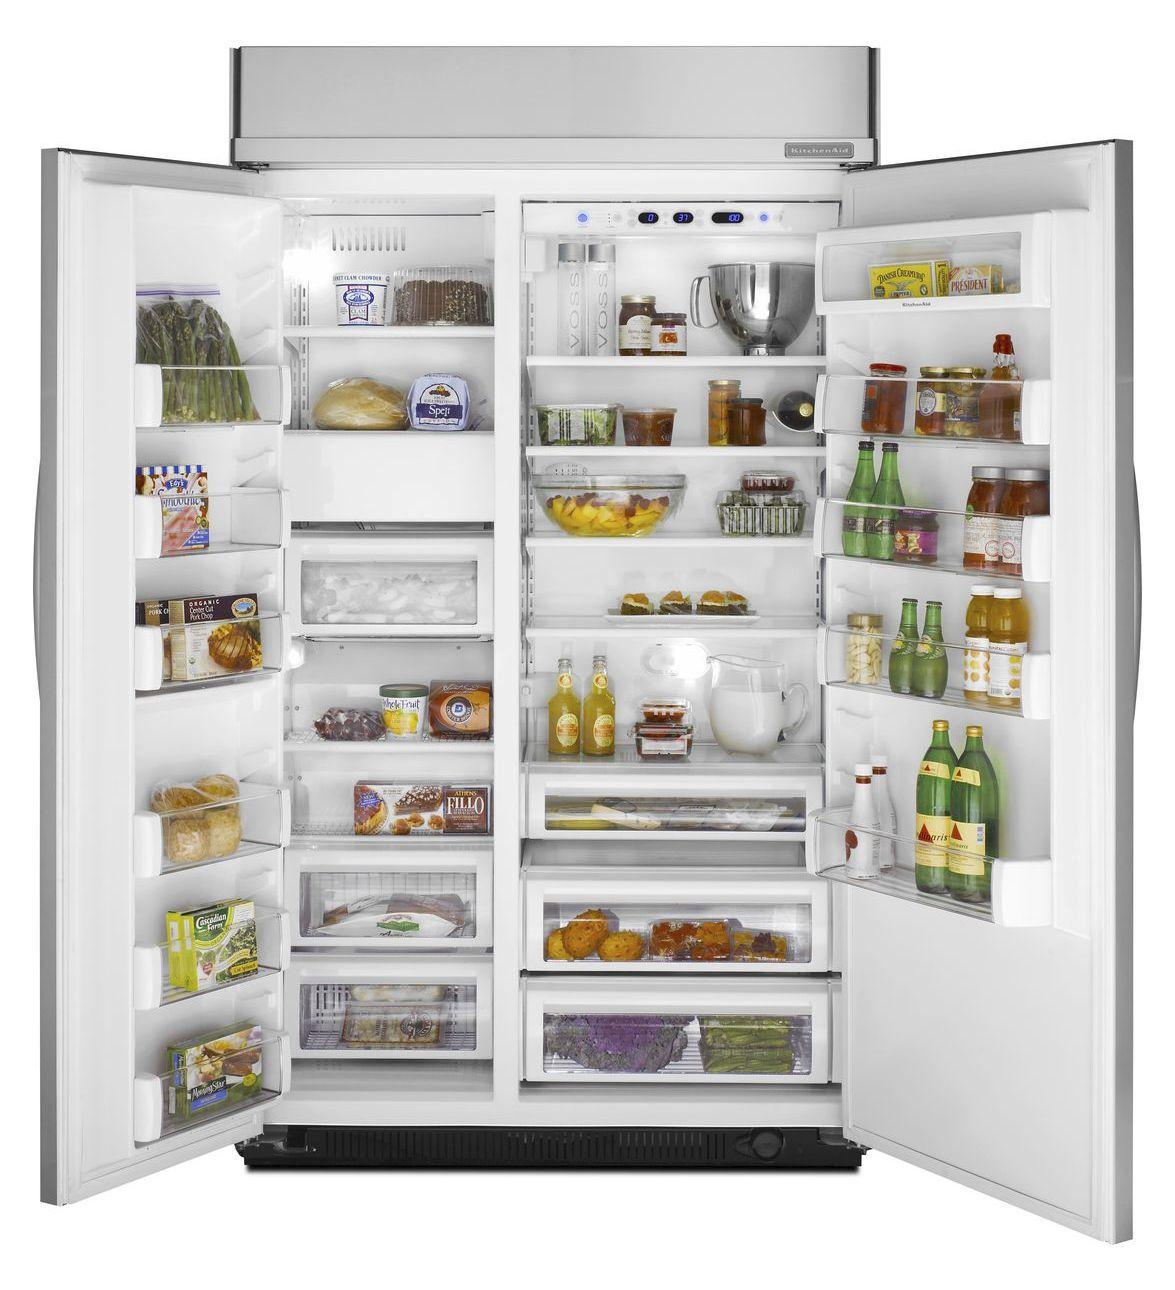 Kühlschrank Einbaufähig amerikanisch kühlschrank edelstahl einbau kssc48fts kitchenaid